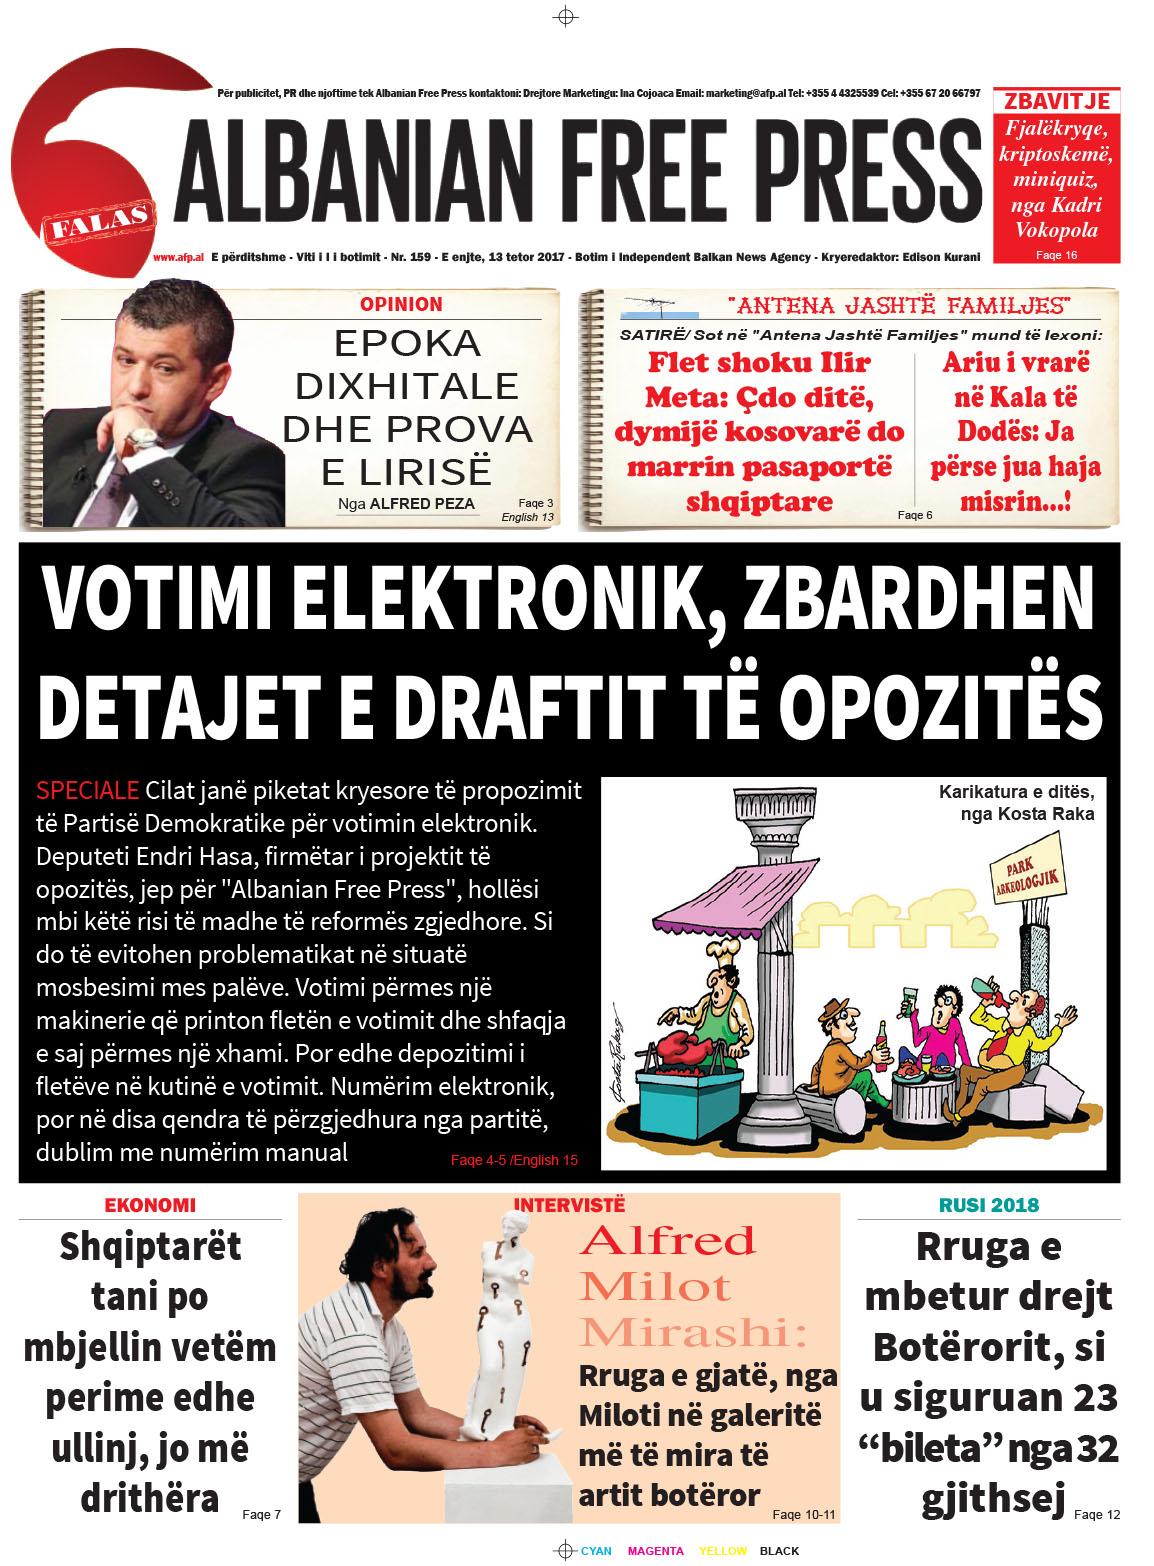 """Lexoni sot 12 tetor 2017 në gazetën e përditshme """"Albanian Free Press"""""""